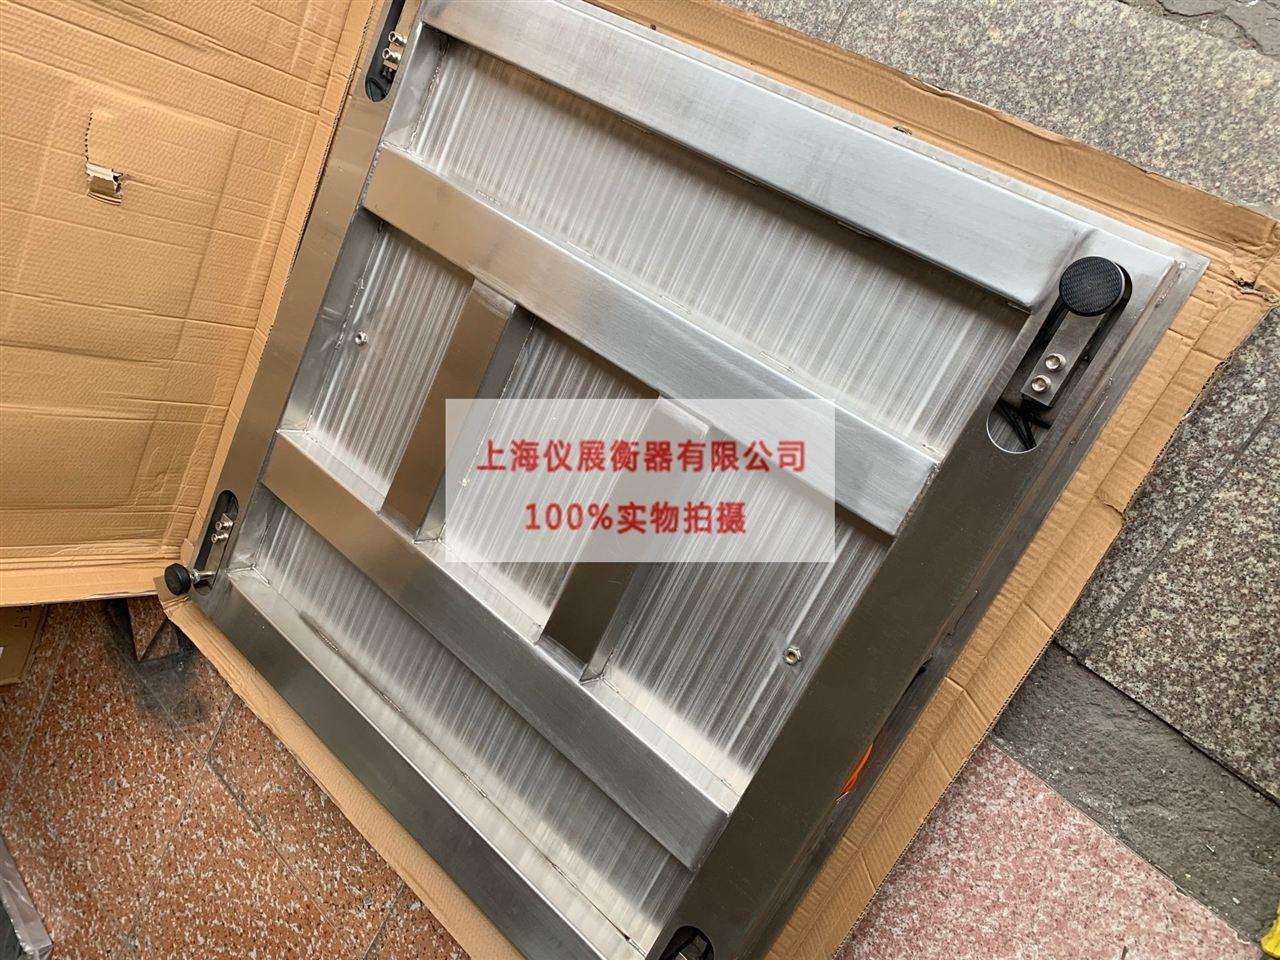 食品厂专用不锈钢耐腐蚀地磅 防潮湿平台称